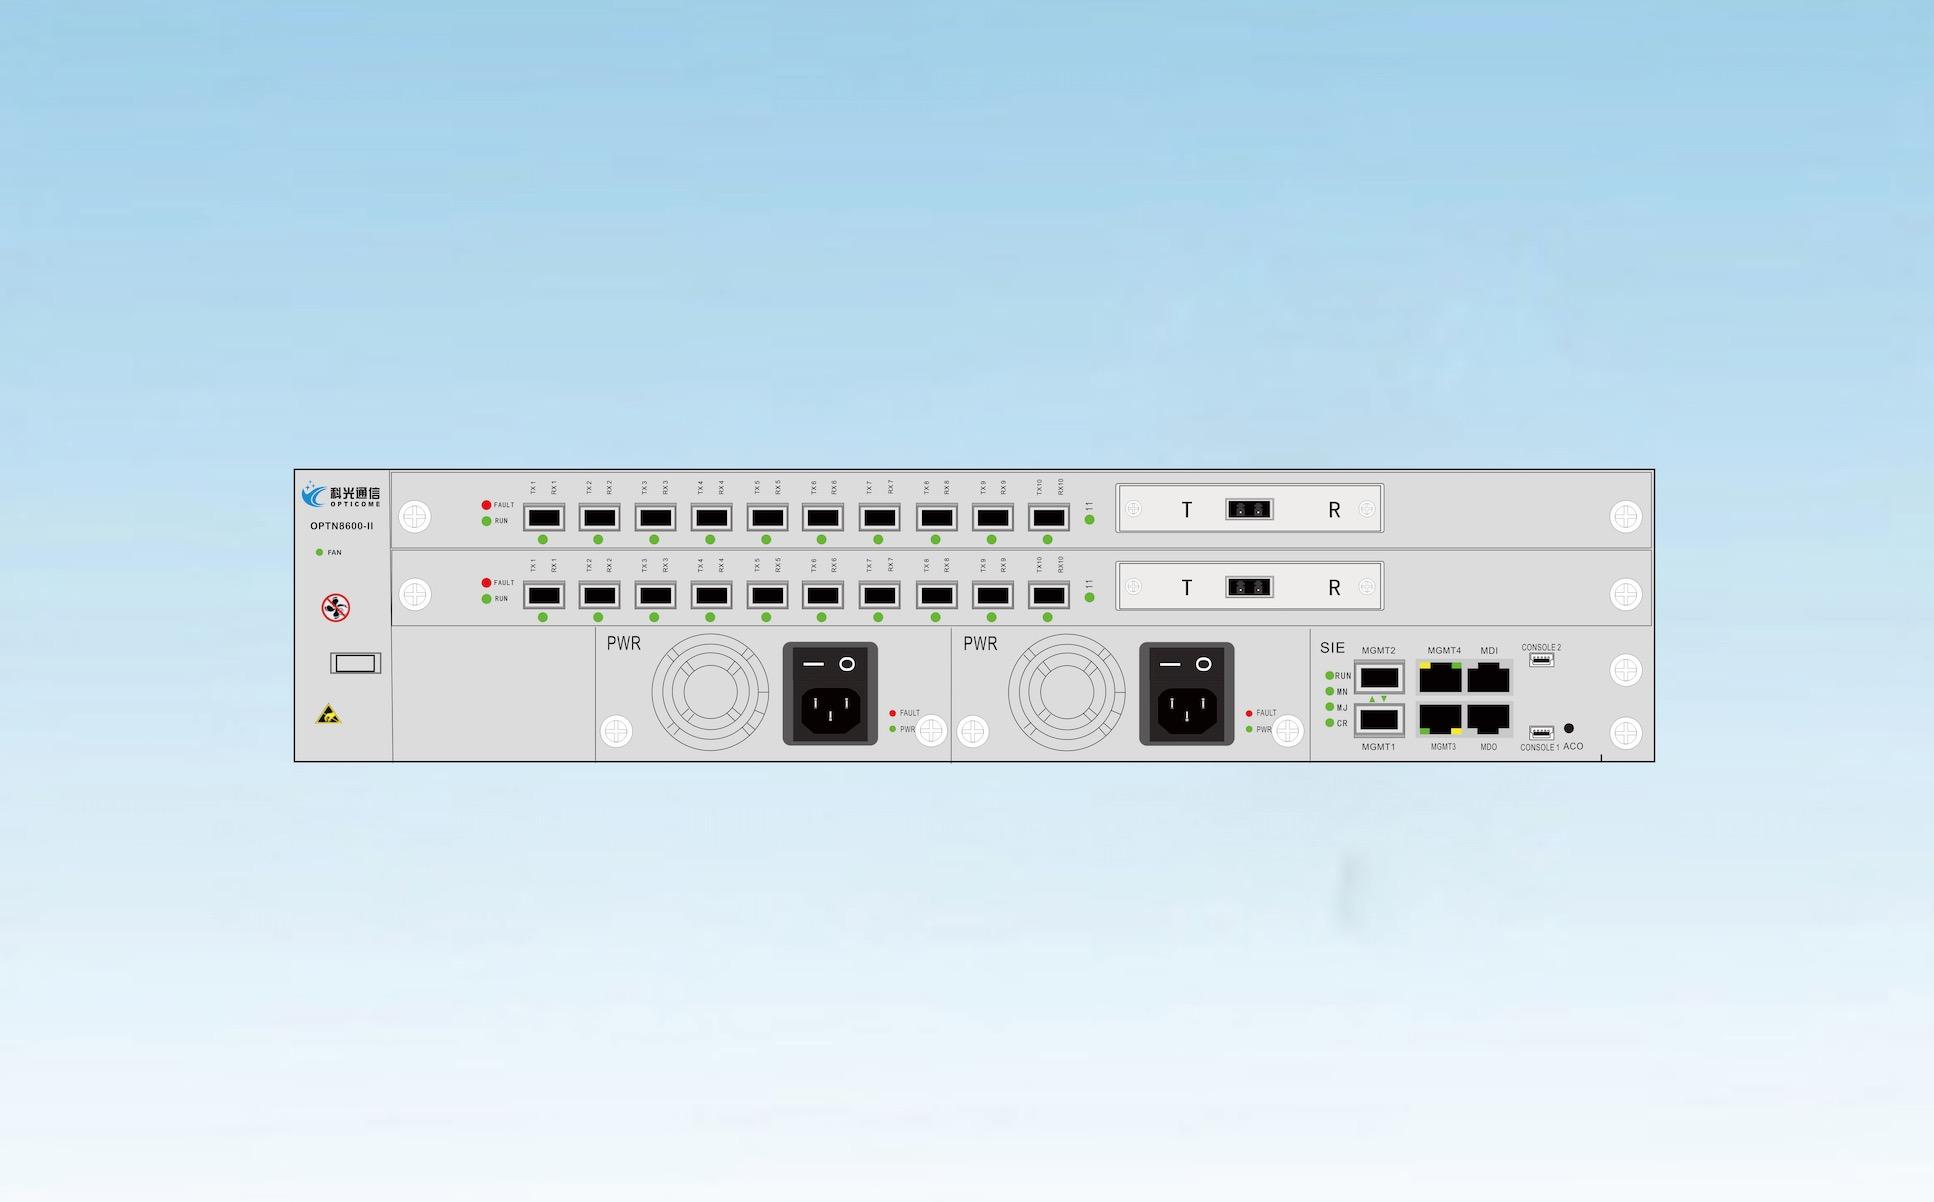 网站OPTN8600-II